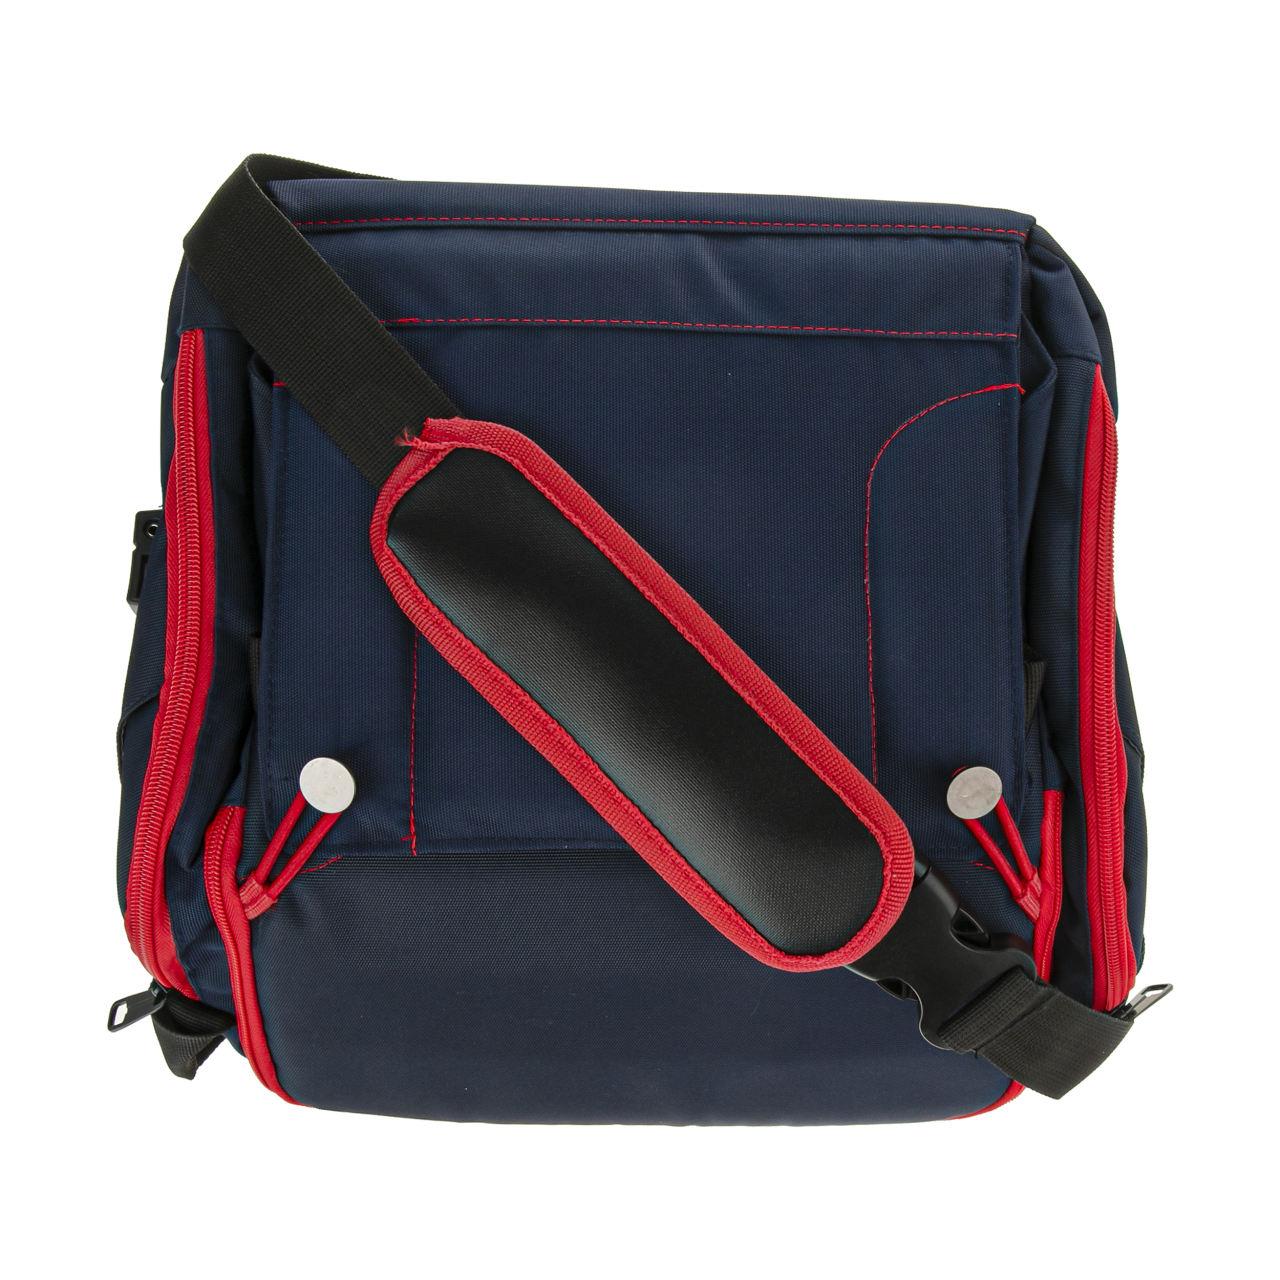 کیف لوازم کودک بی بی ماک مدل R04